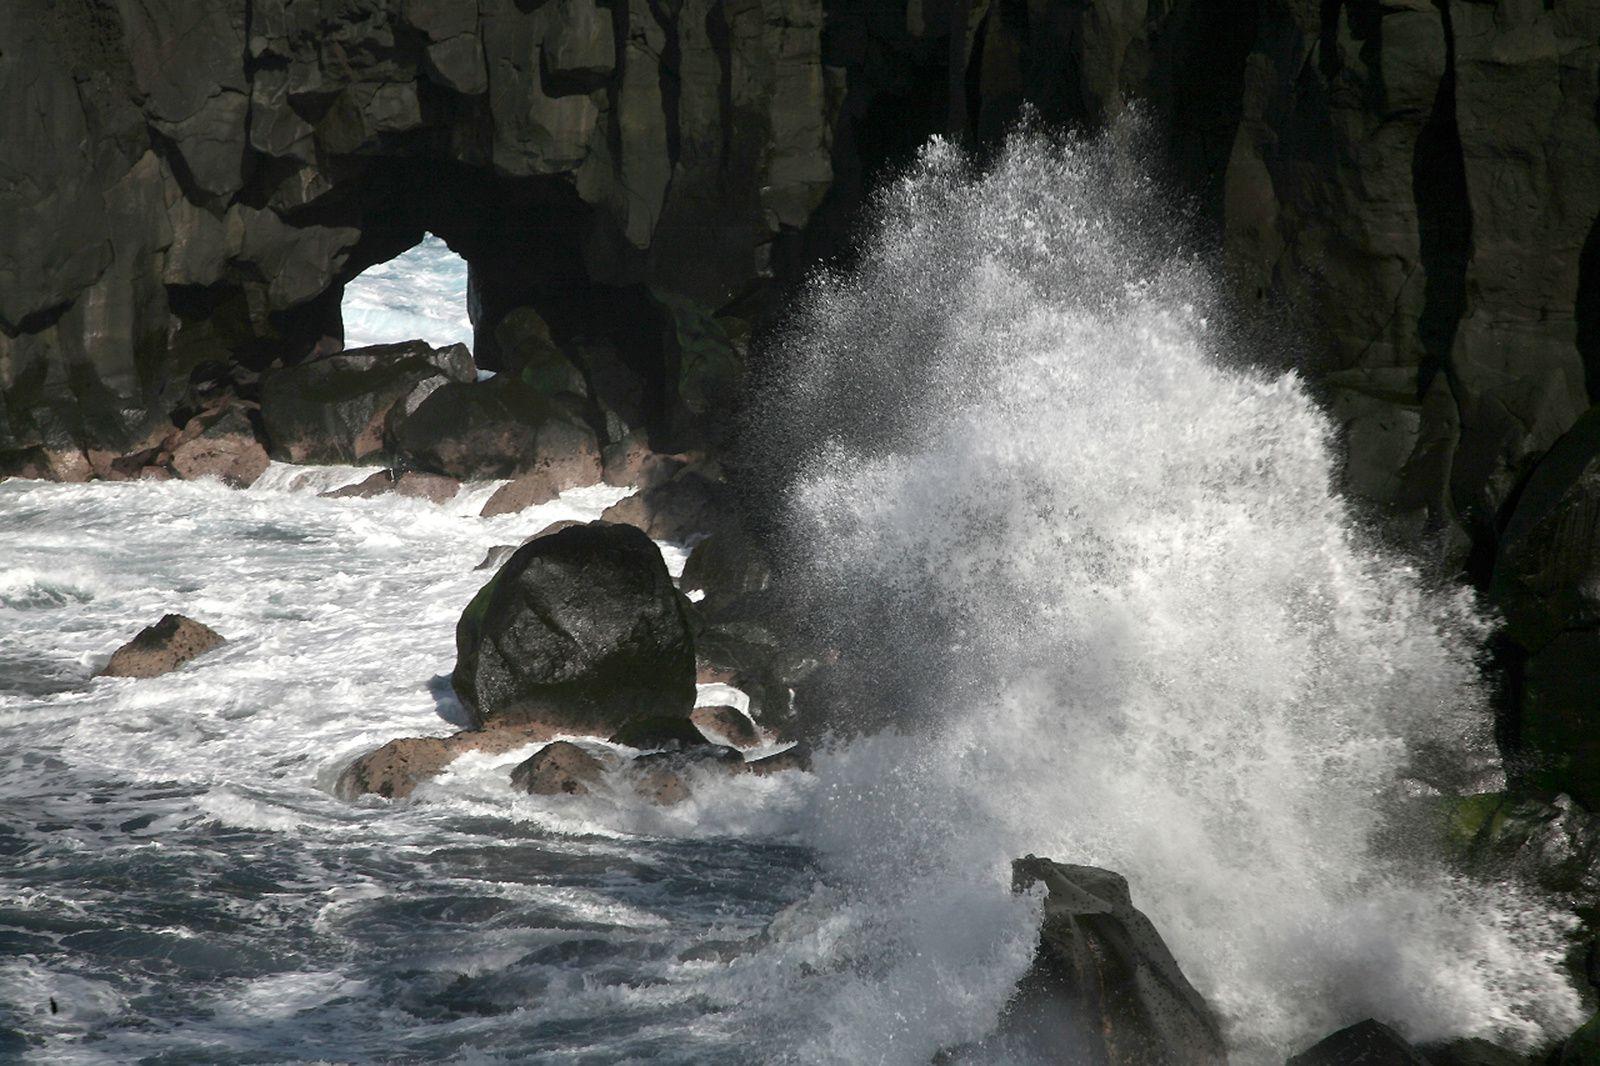 Le Cap Méchant - l'arche dans la coulée de basalte, résultat de l'érosion marine -  photo © Bernard Duyck / Juin 2017